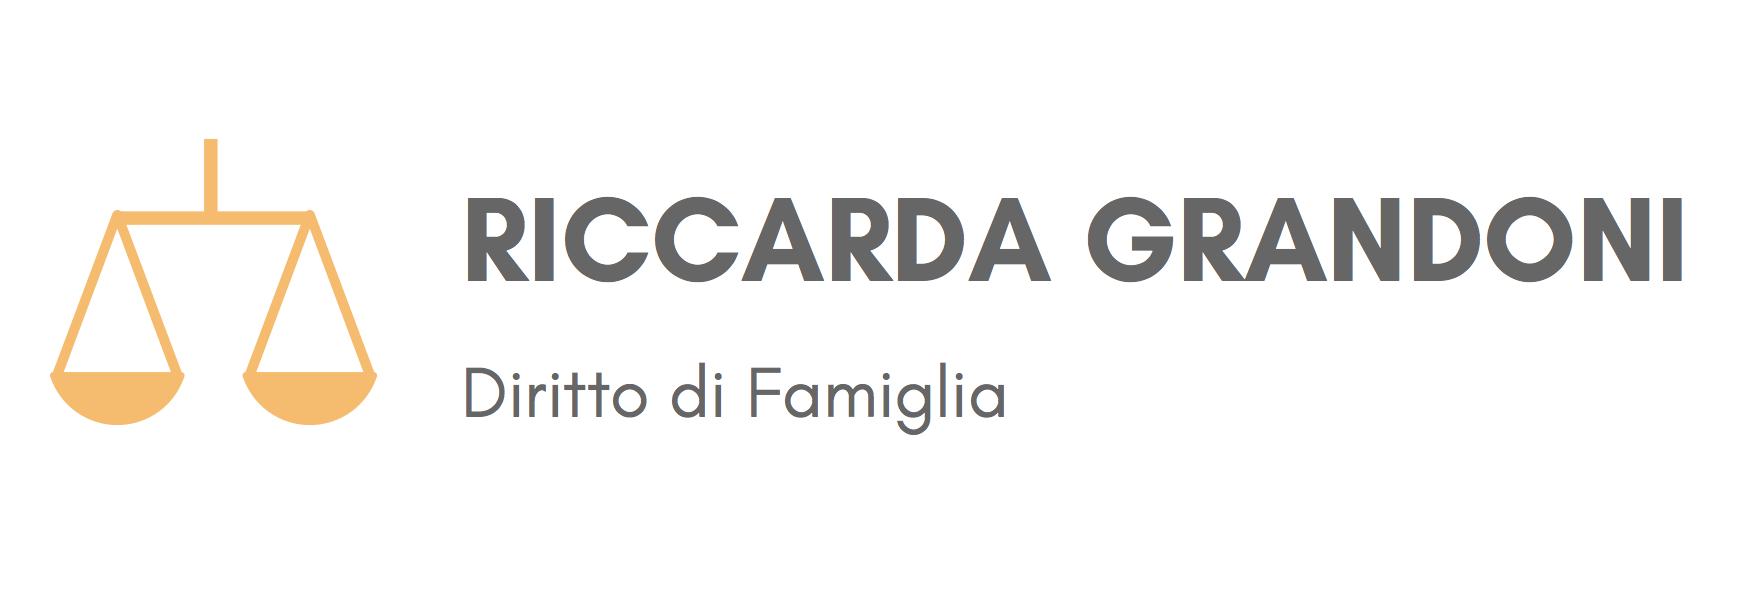 Studio Legale Avvocato Riccarda Grandoni